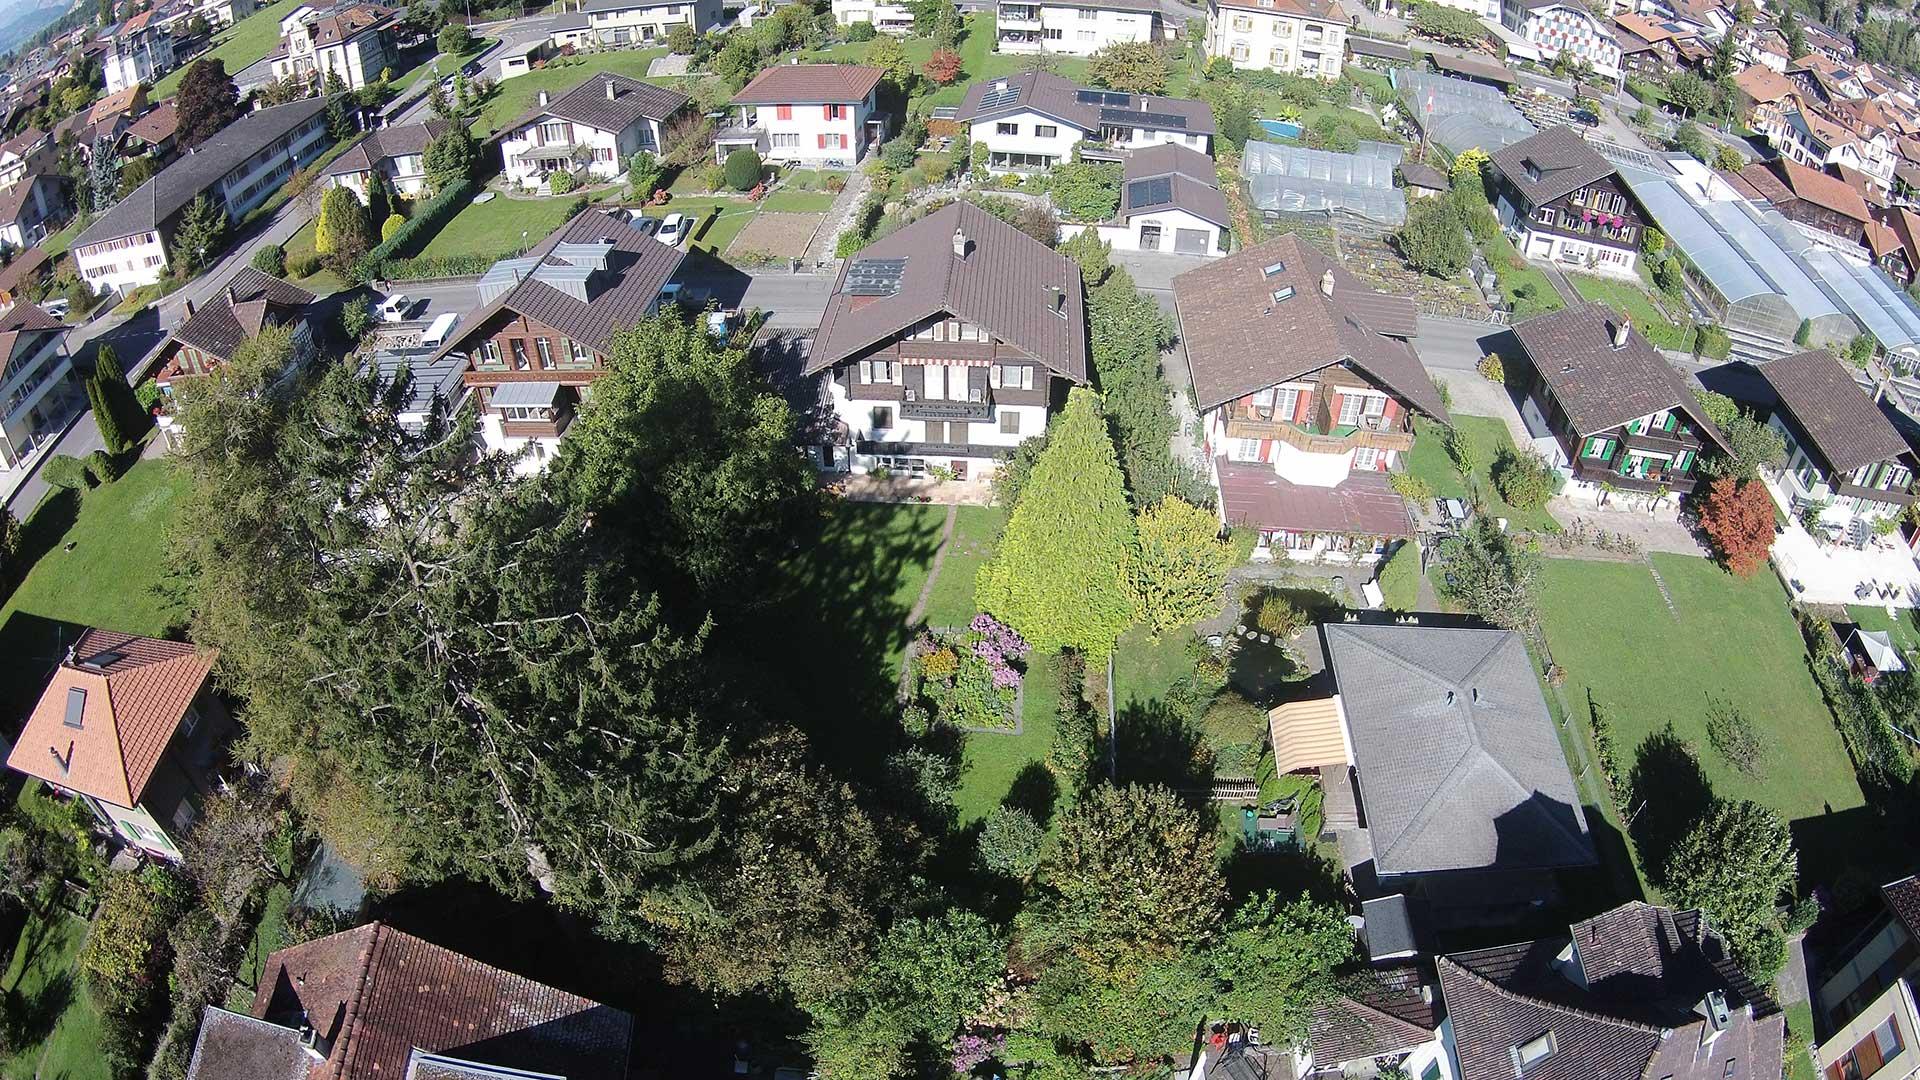 Chalet Helvetia Chalet, Switzerland